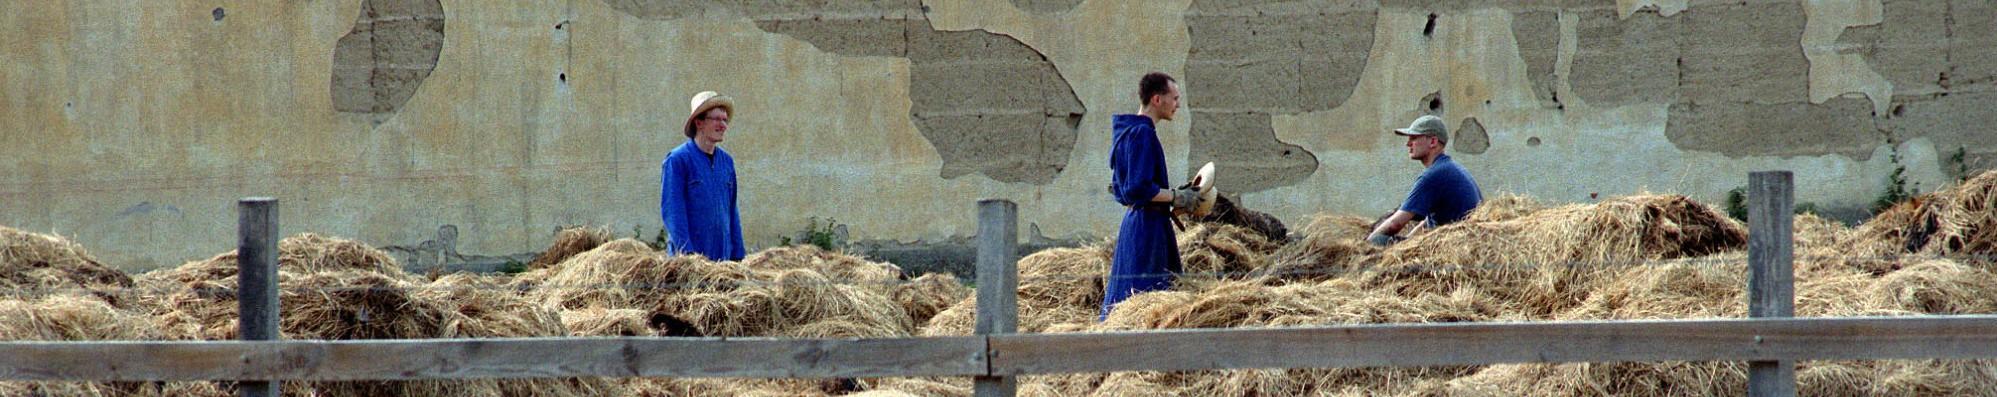 Schiere monniken en grijze vrouwen